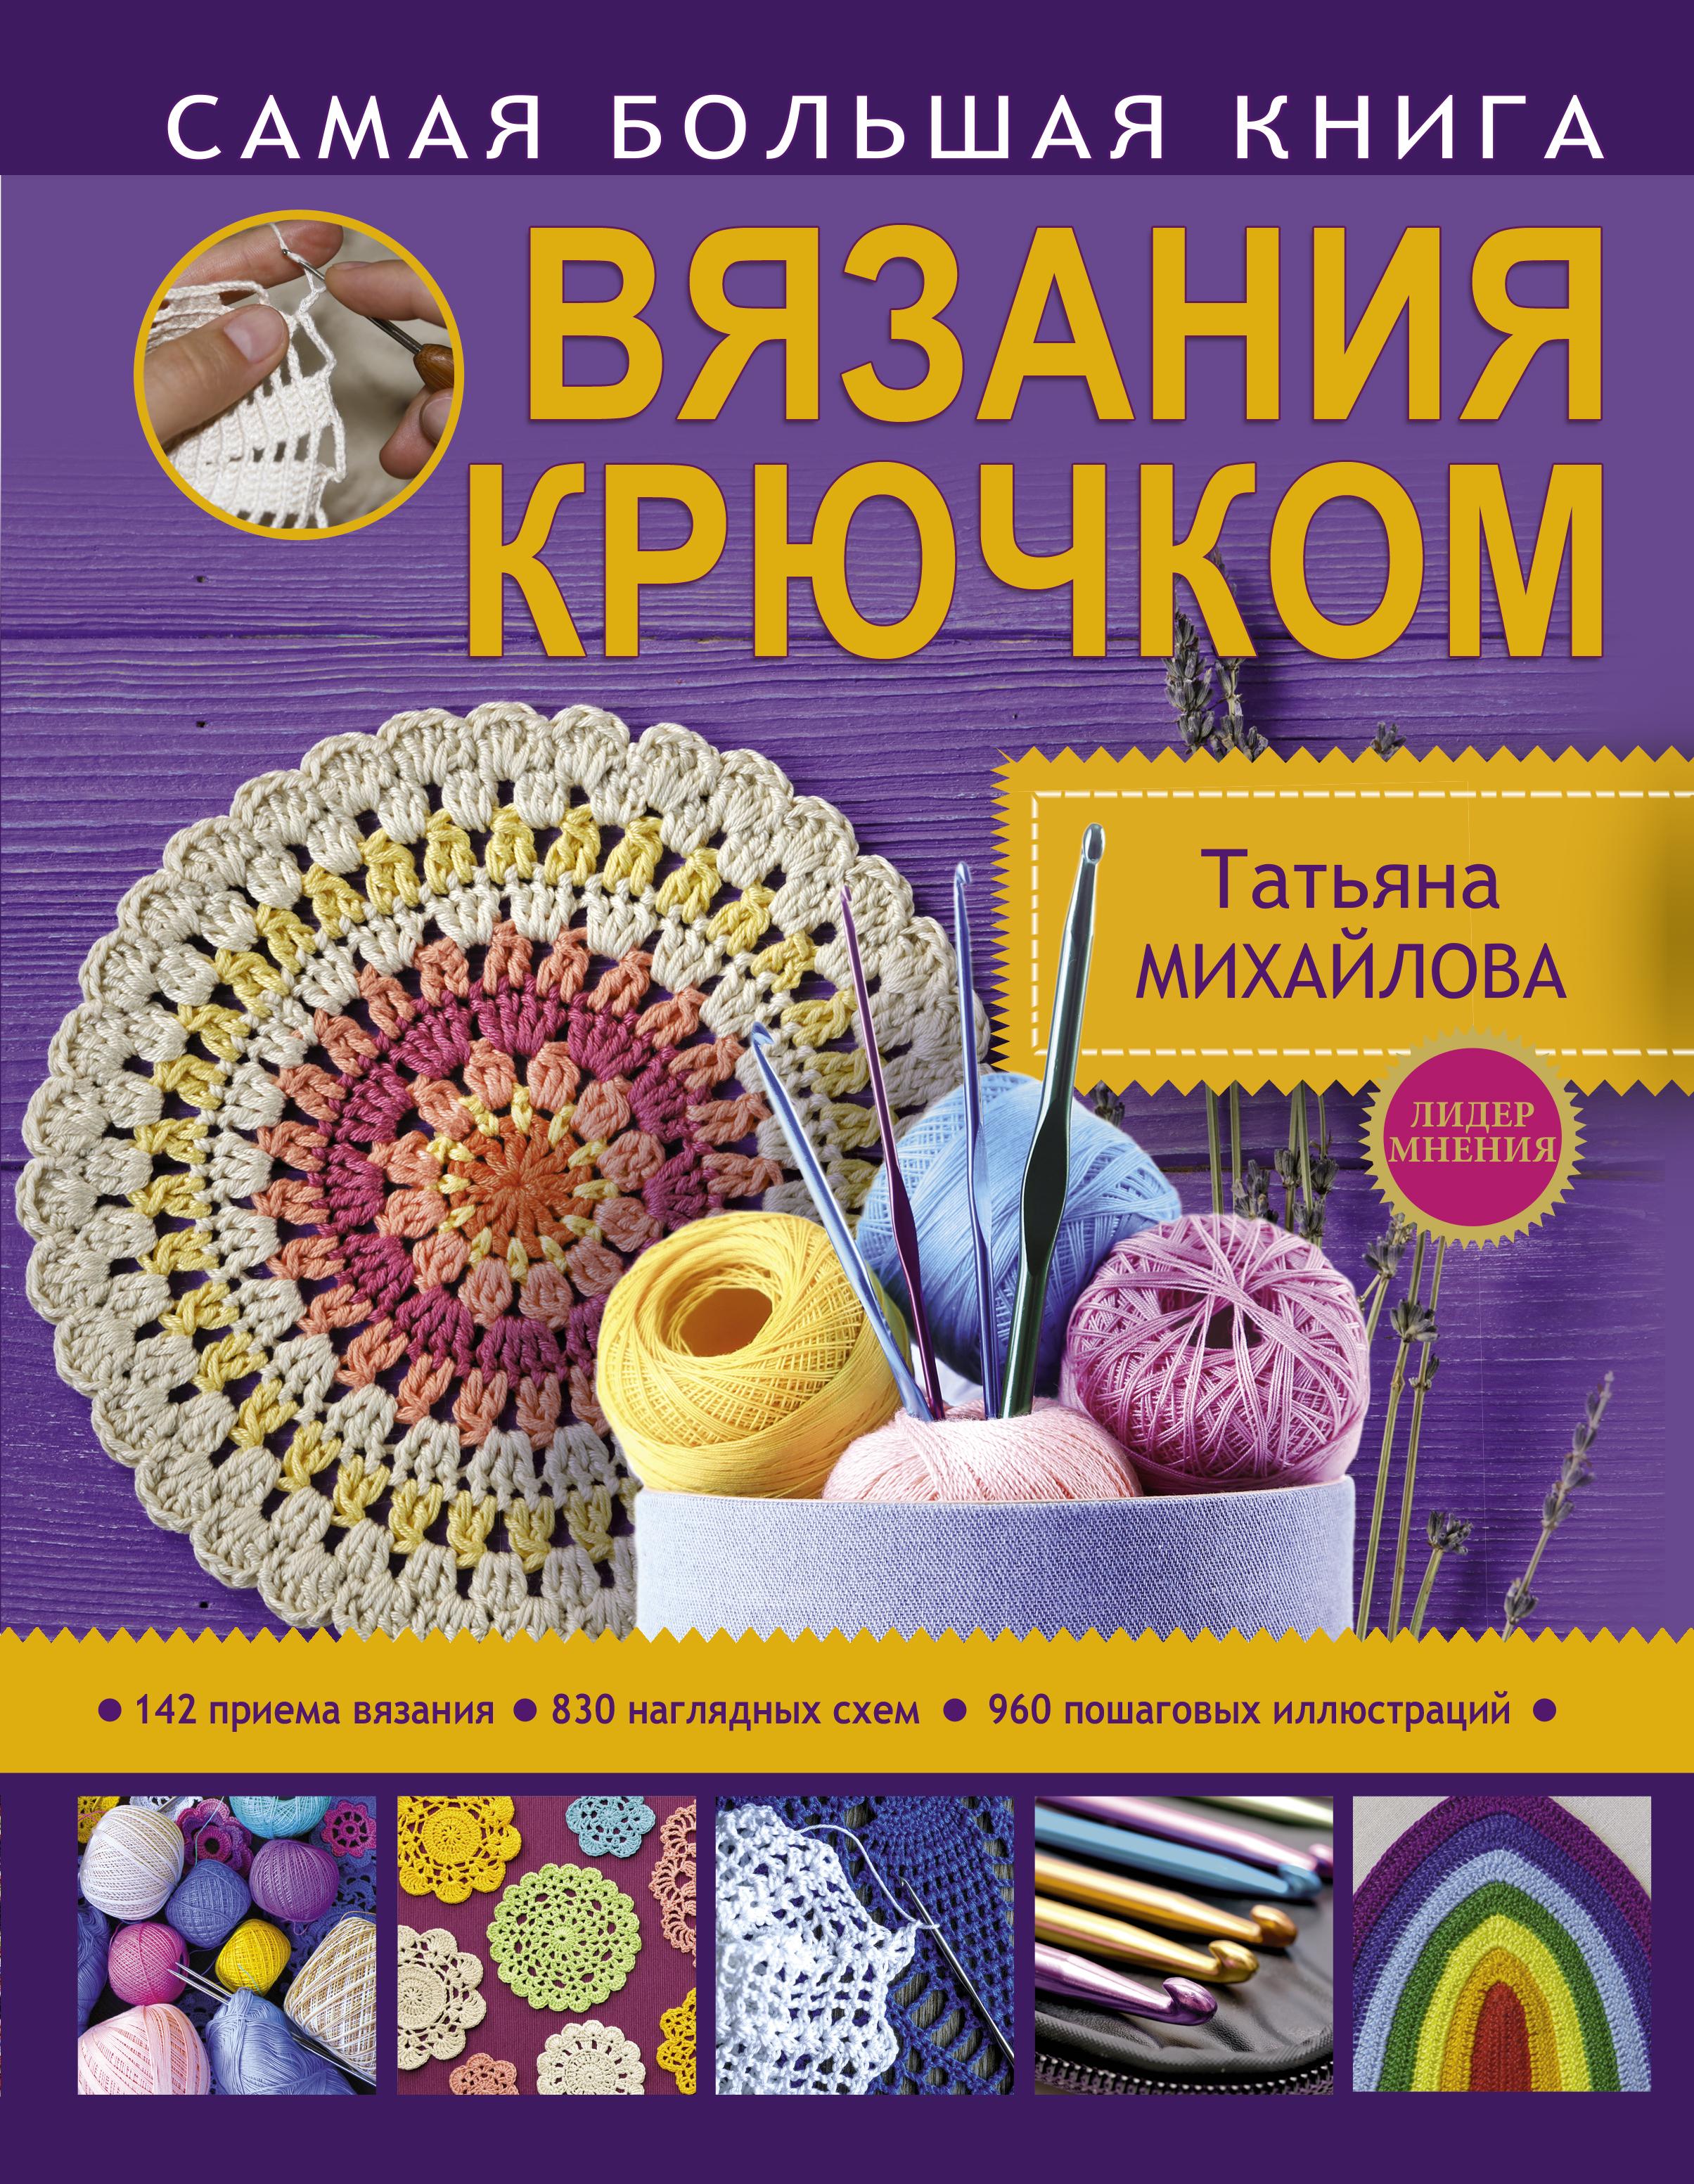 вязаные закладки разноцветные овечки для книг крючком со схемой